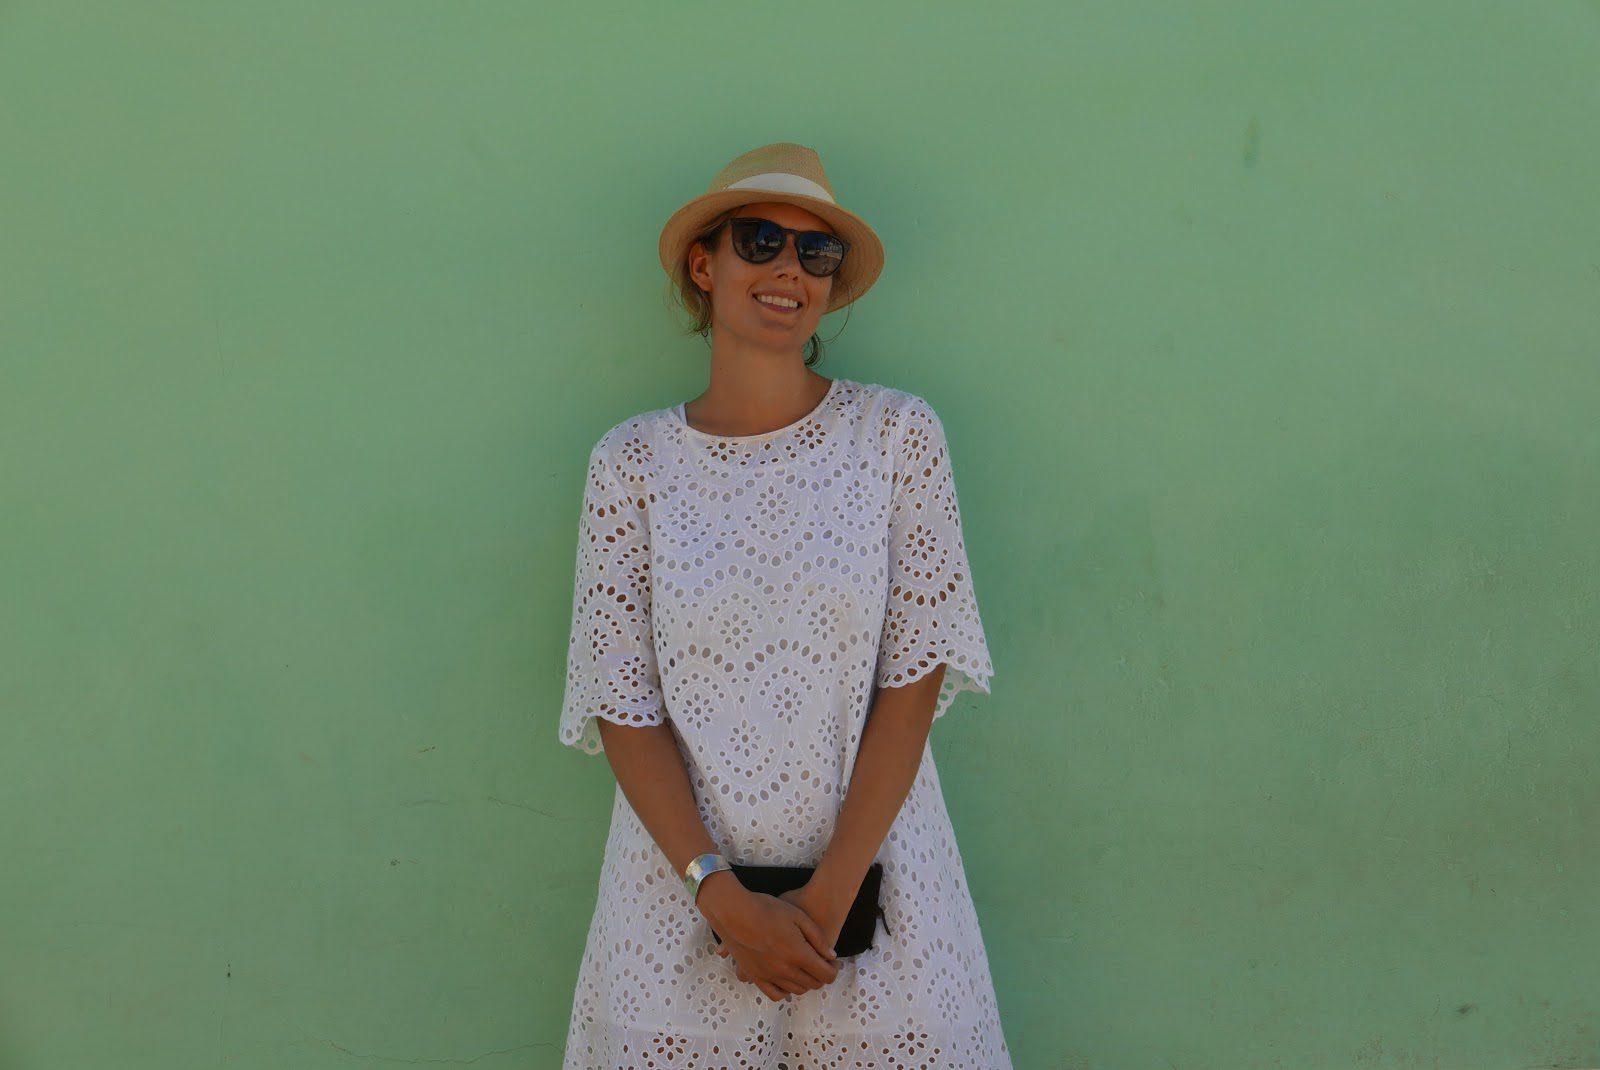 Elizabeth against green wall in Trinidad